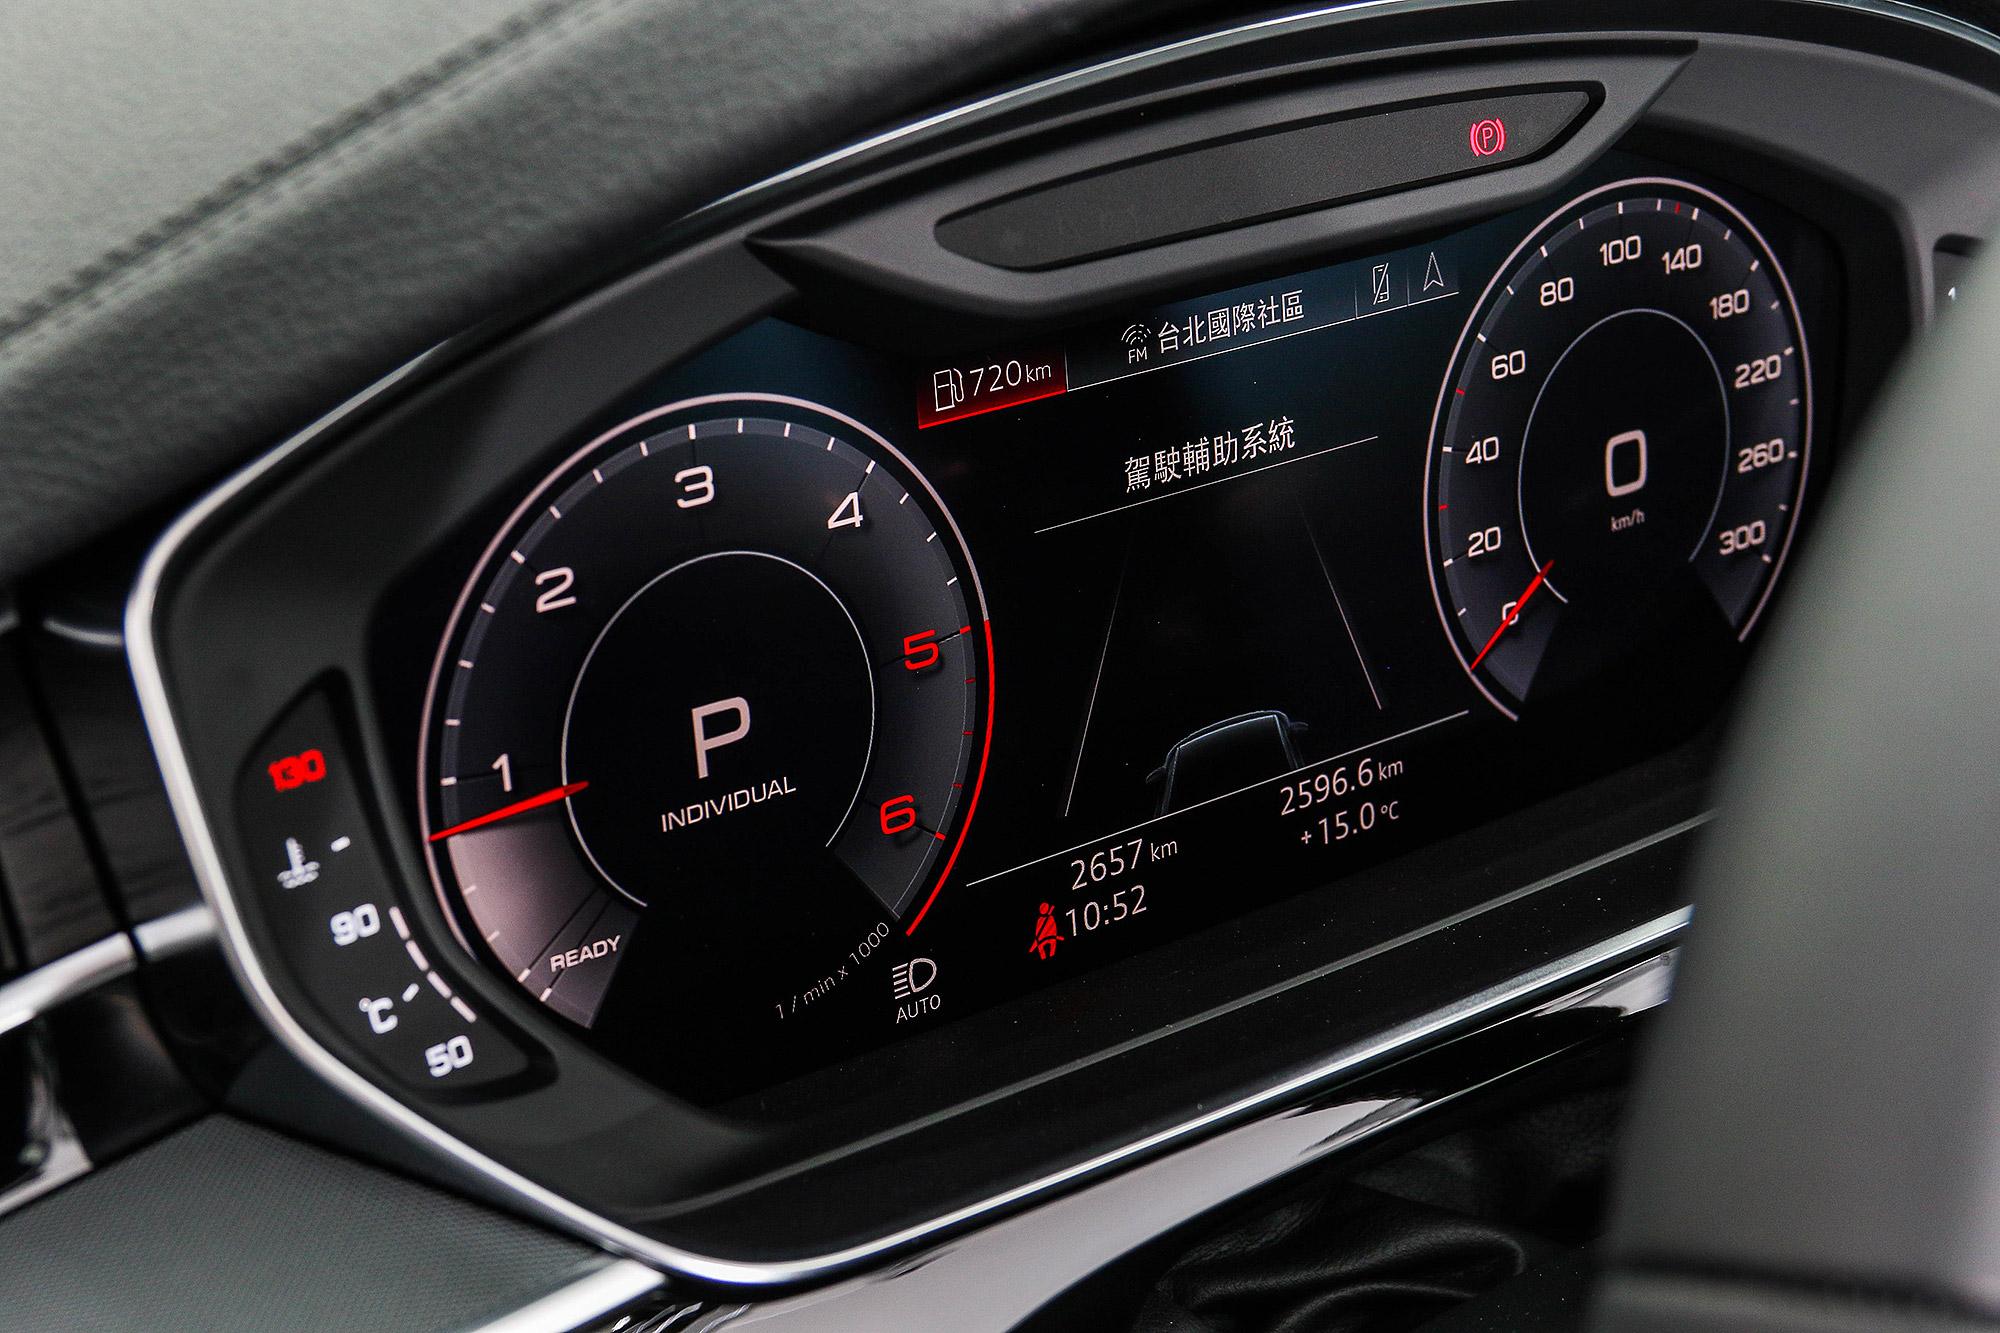 受限於台灣的交通法規, Level 3 自動駕駛輔助並無法來台,但仍具備充足的 ADAS 先進駕駛輔助系統。